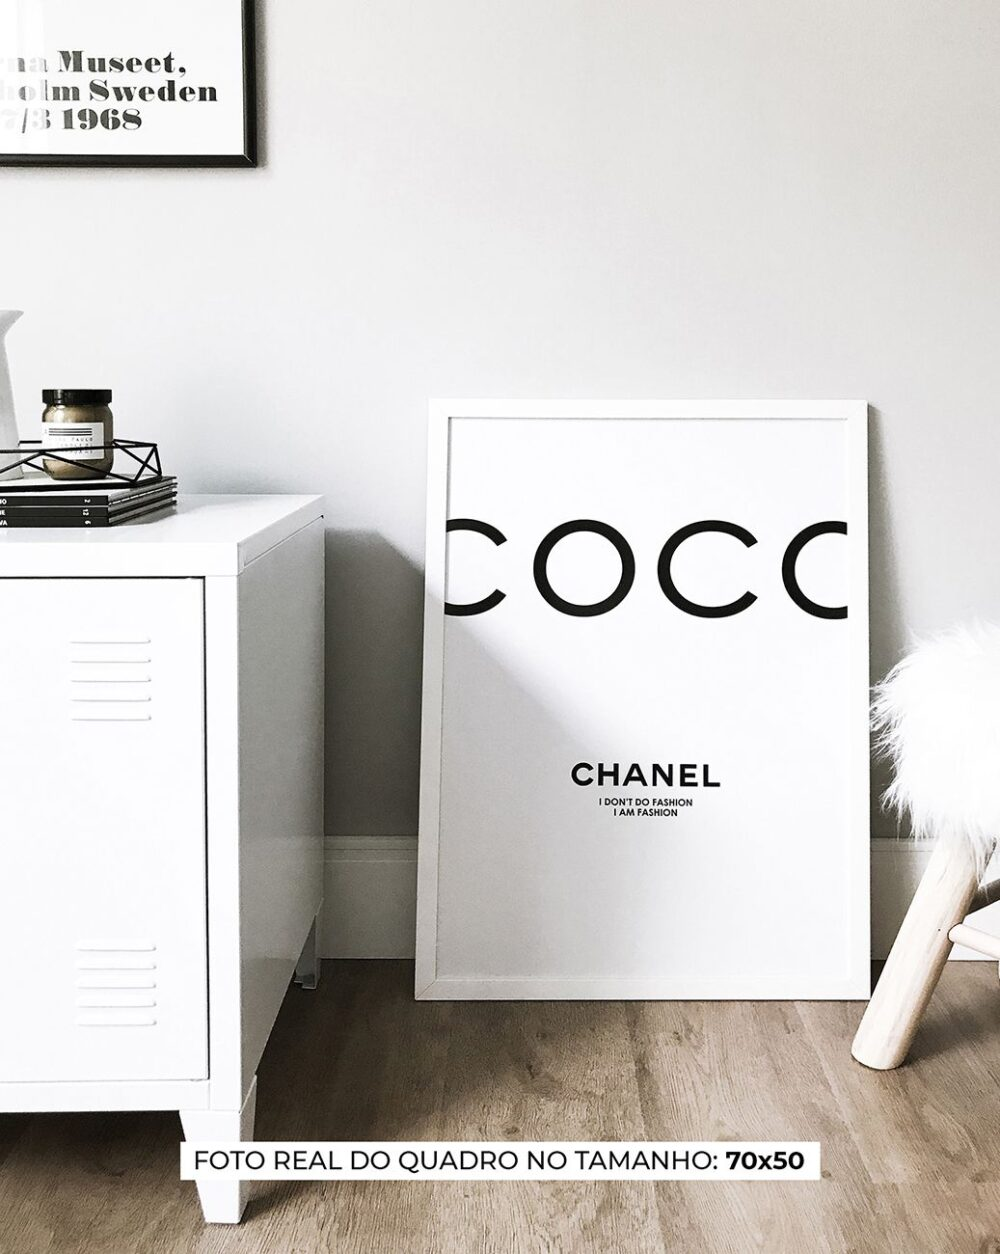 QUADRO COCO CHANEL decorativos